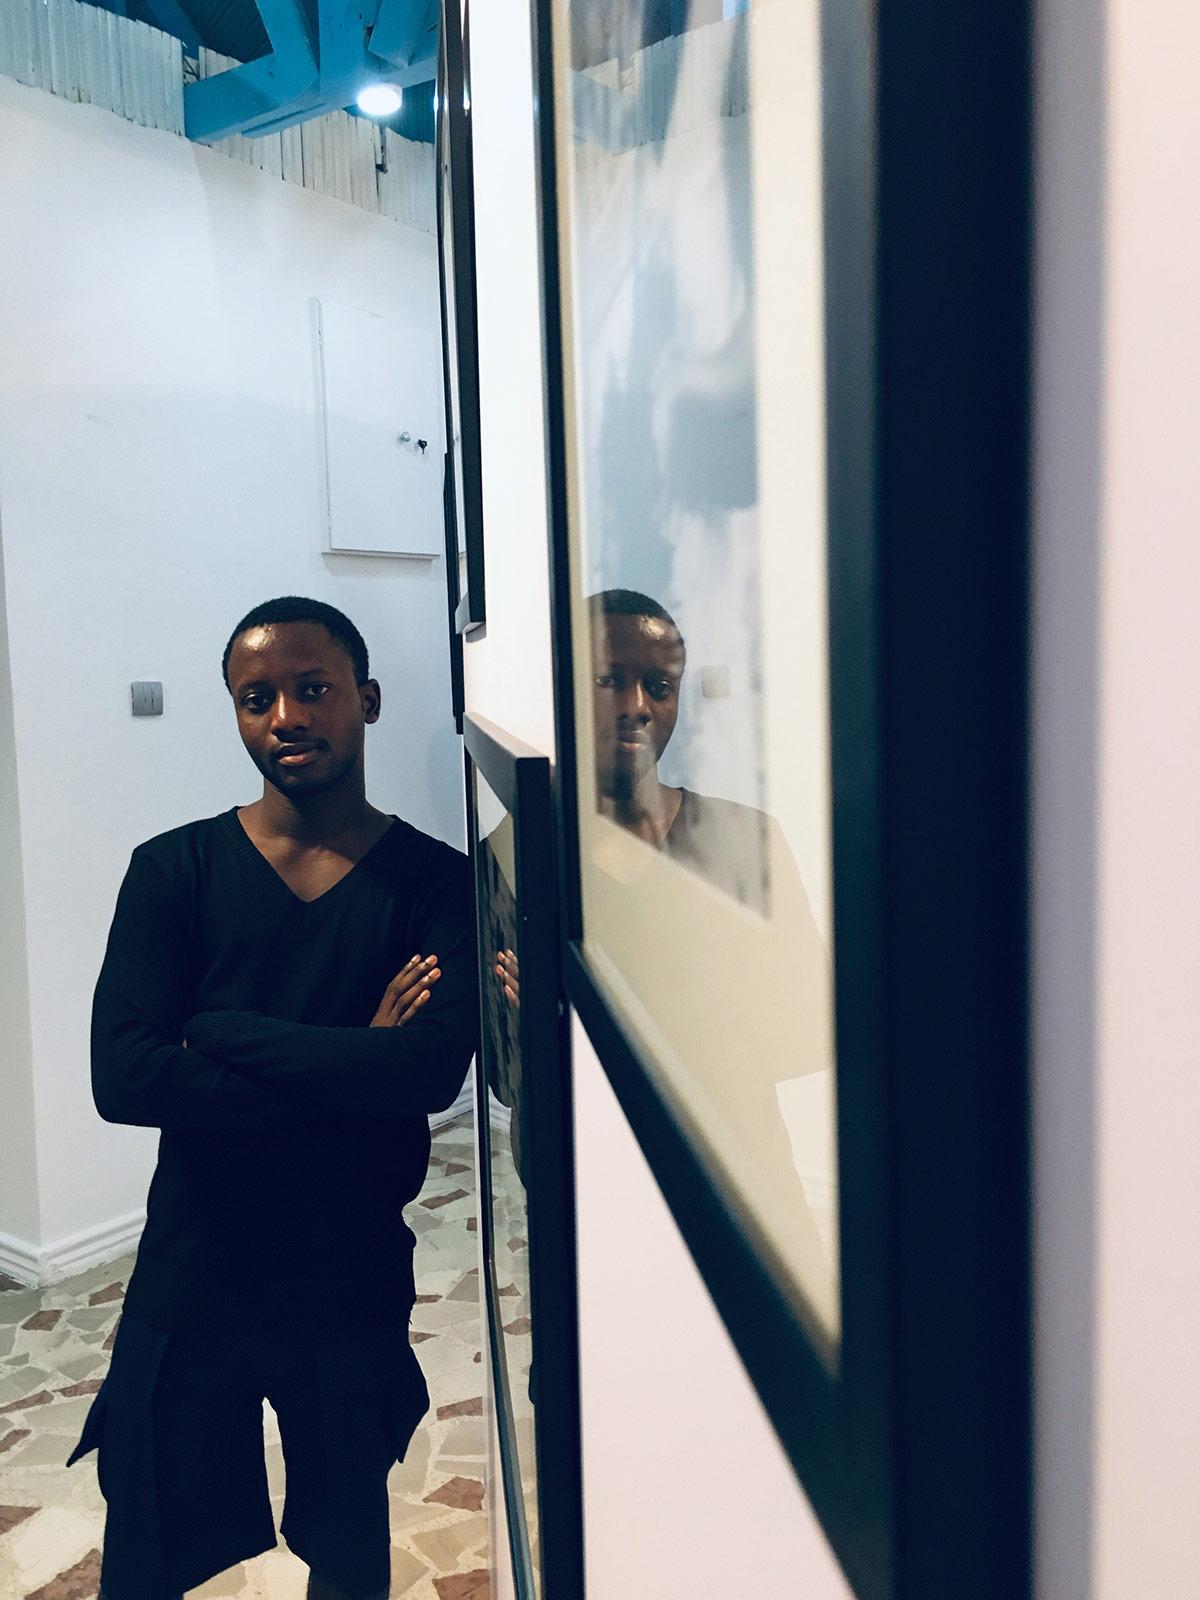 Faith oluwajimi by ugochukwu emebiriodo